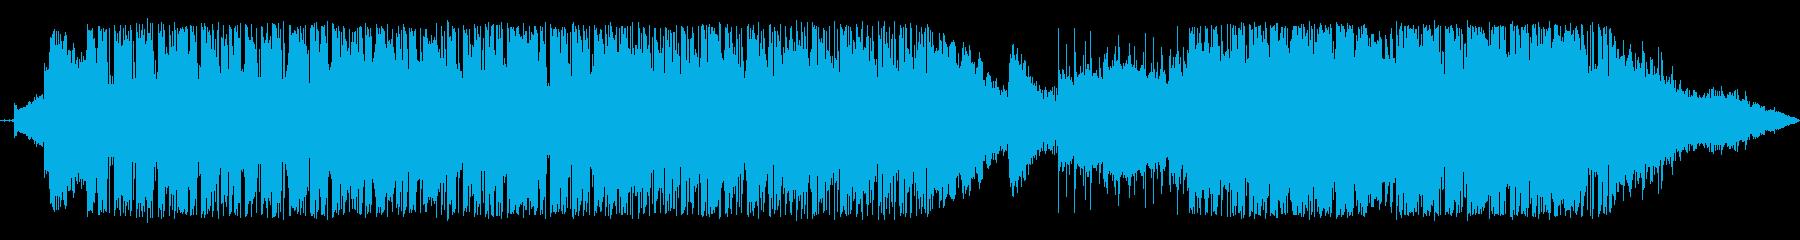 アンビエント 技術的な 説明的 静...の再生済みの波形